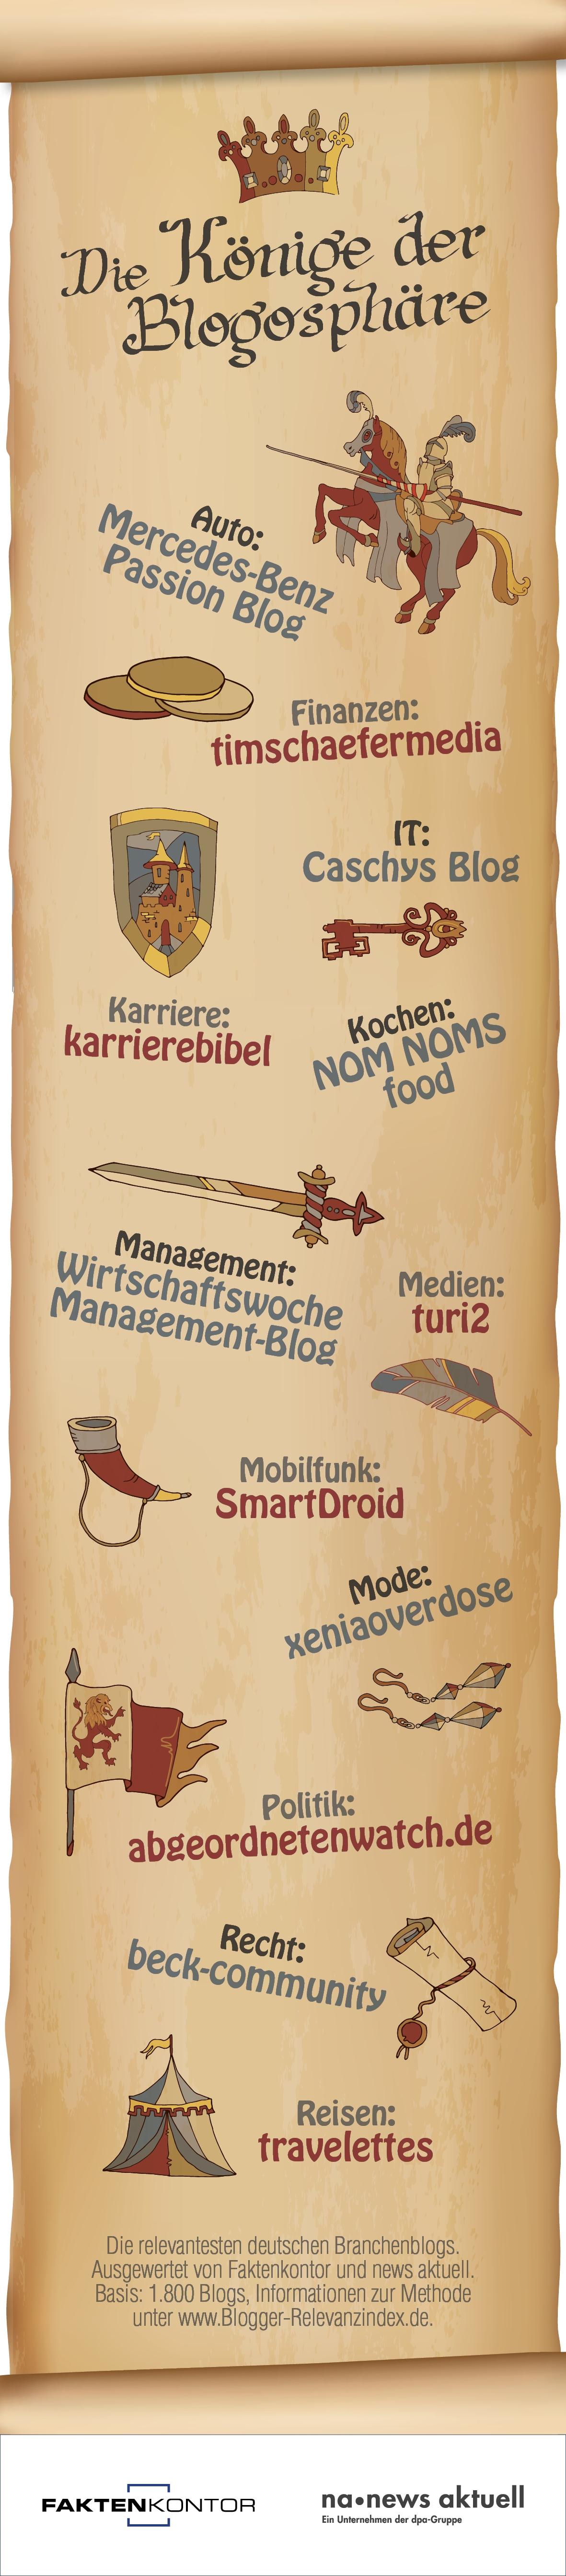 Die Könige der Blogosphäre: Die relevantesten deutschen Blogs